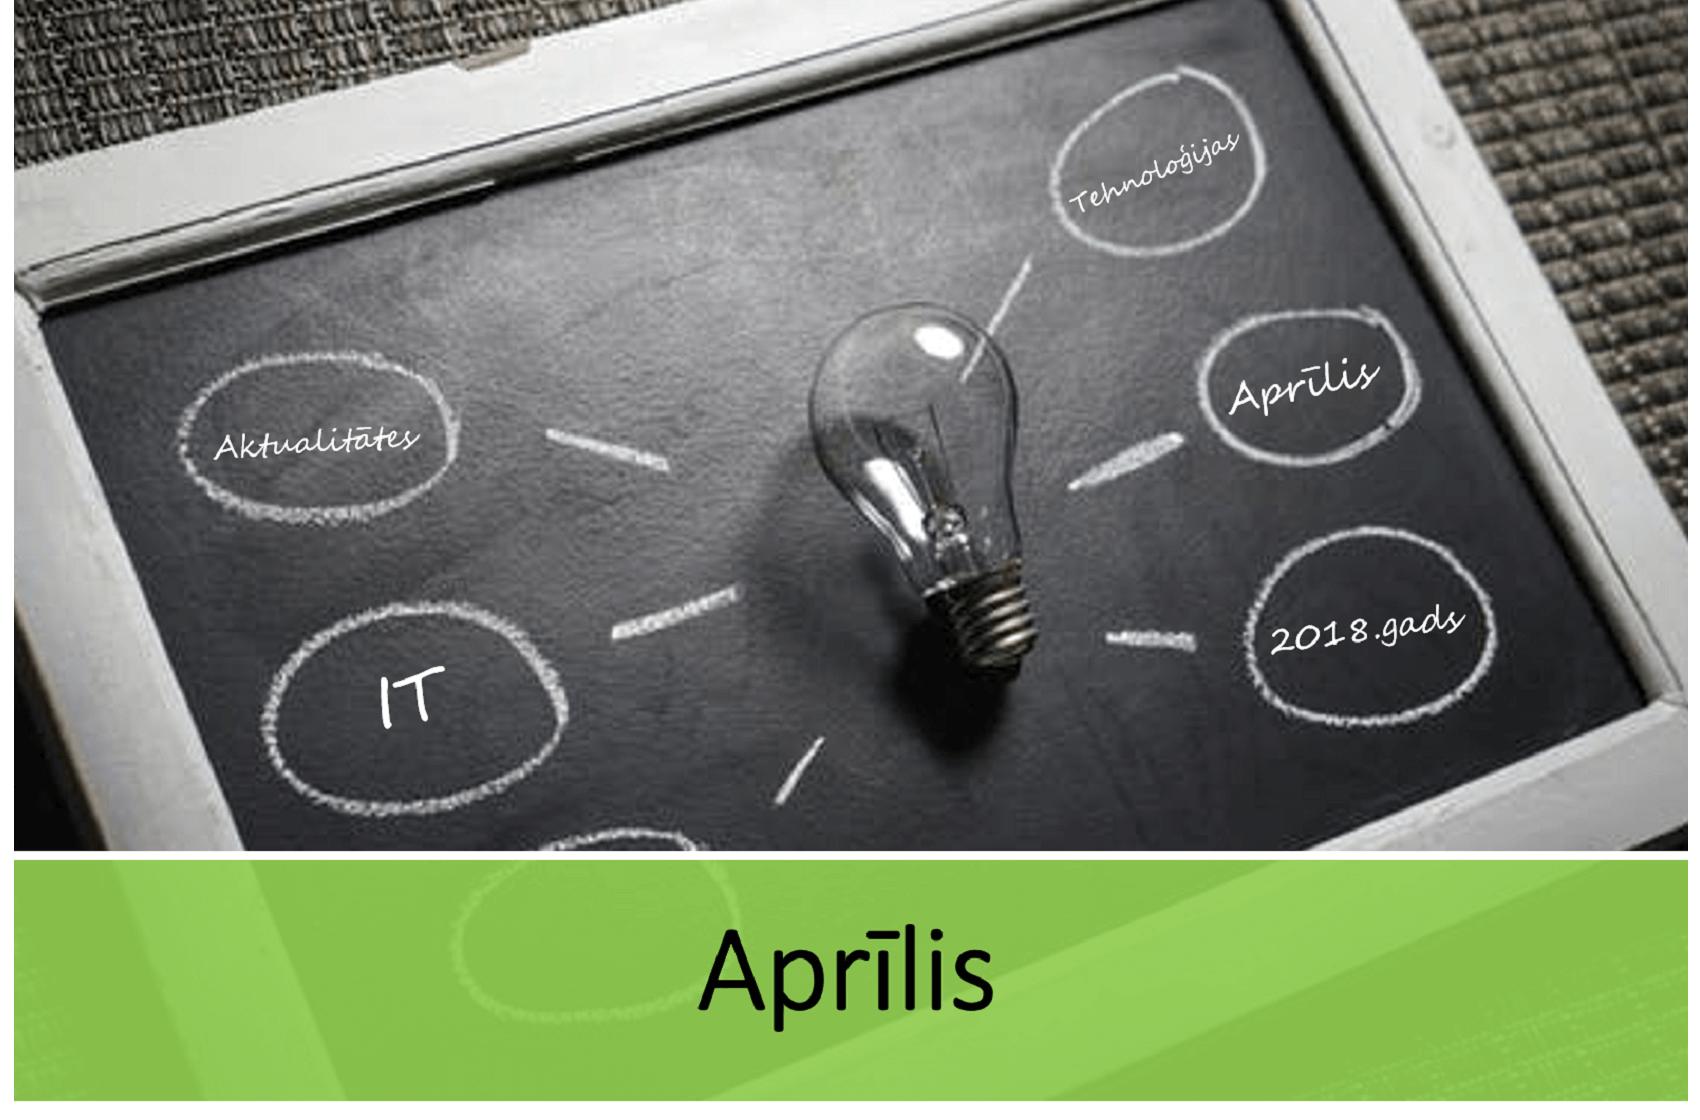 Jaunākās aktualitātes IT nozarē- 2018.gada aprīlis